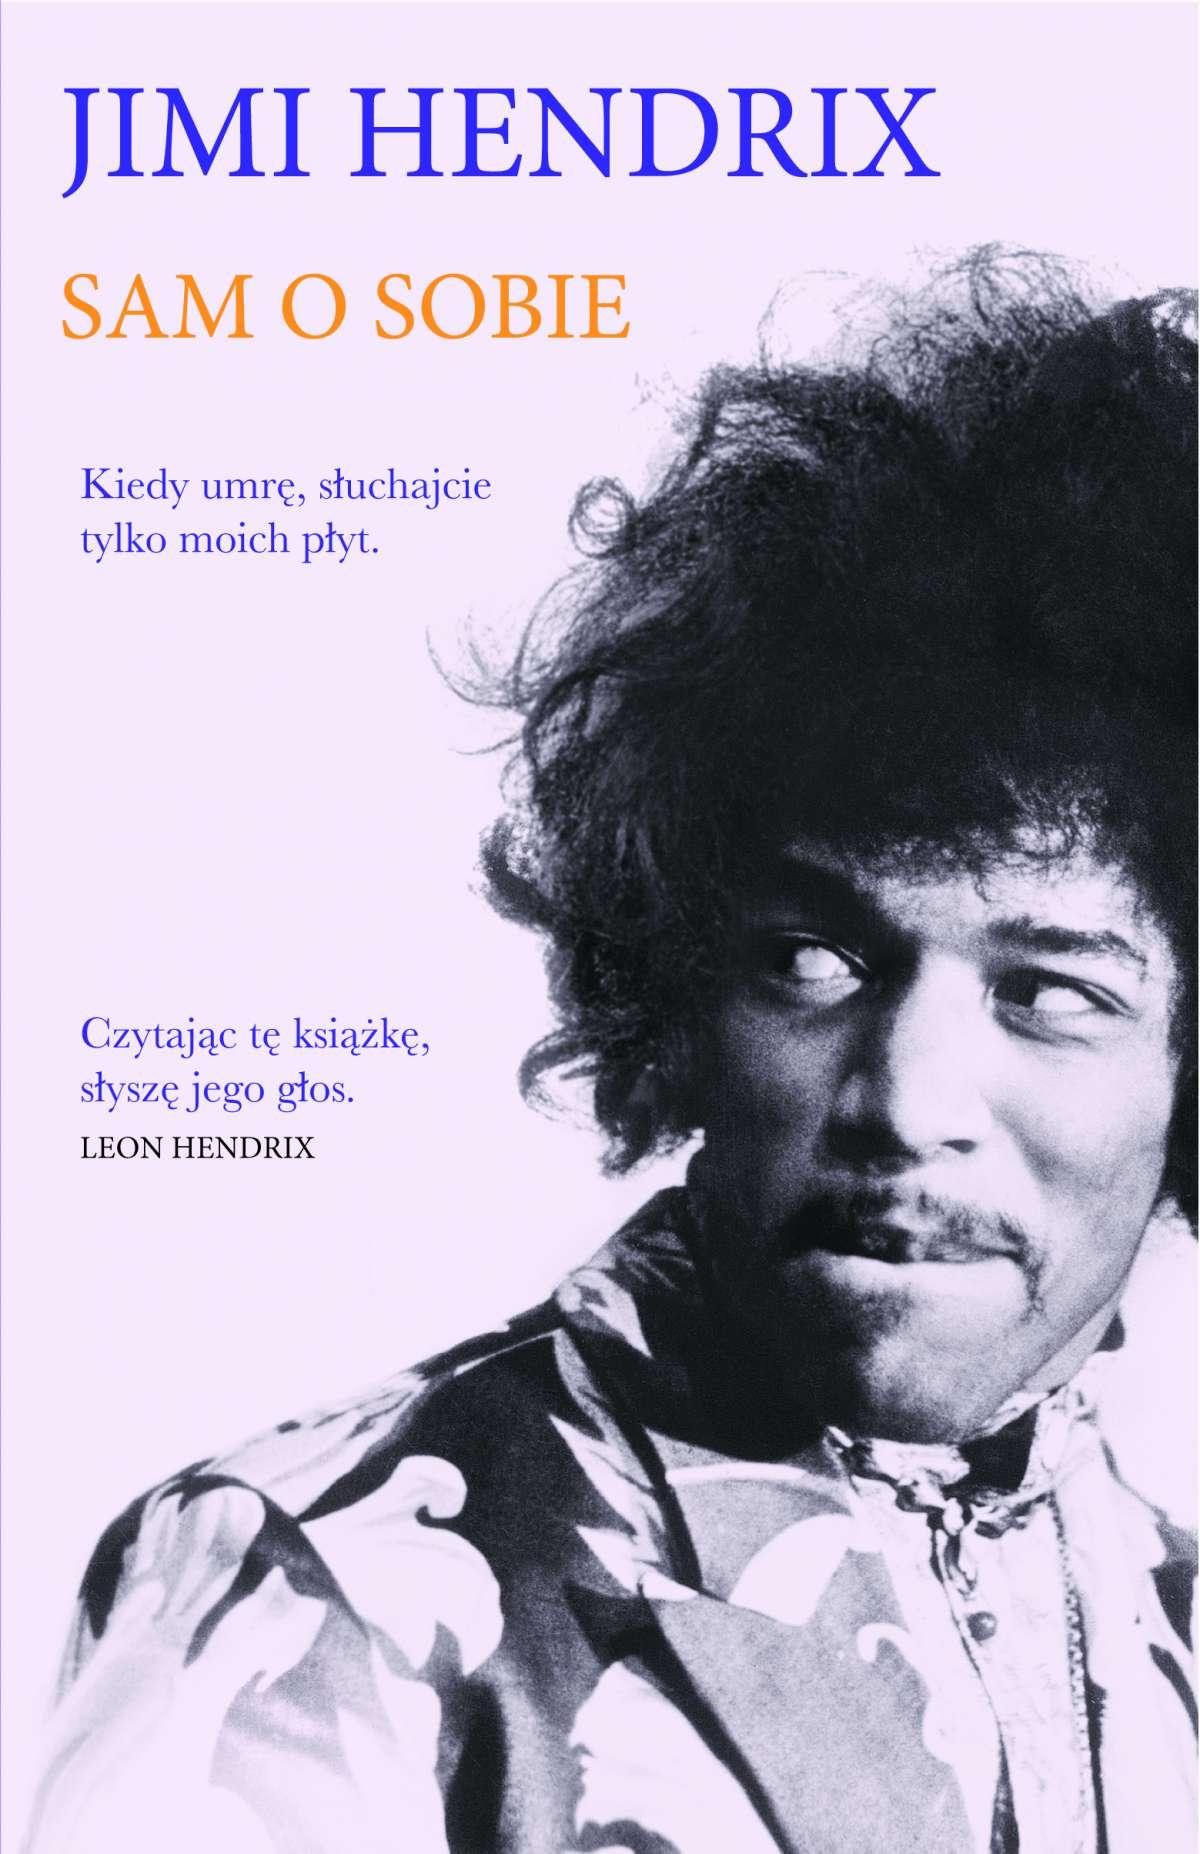 Jimi Hendrix. Sam o sobie - Ebook (Książka EPUB) do pobrania w formacie EPUB